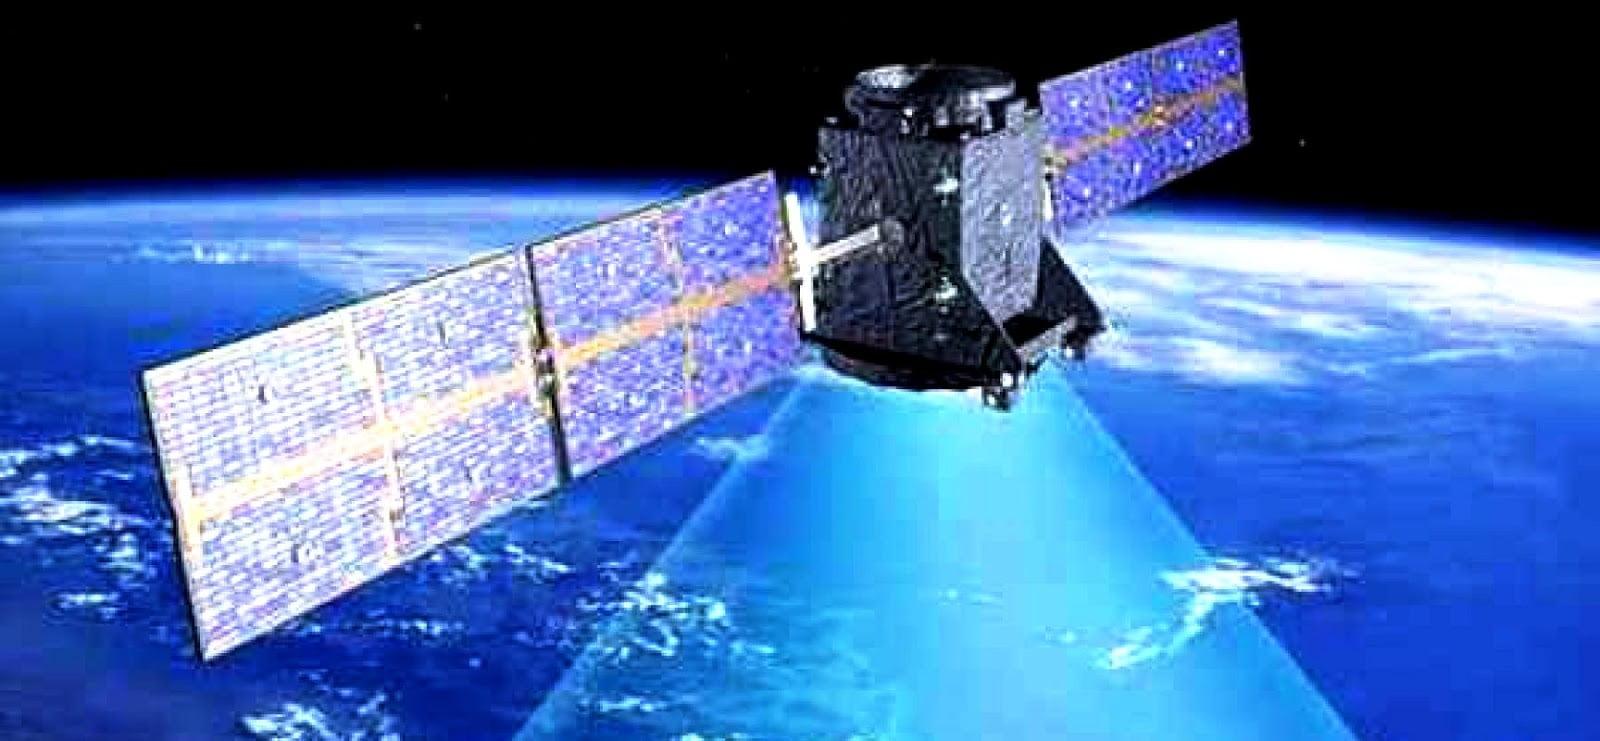 Το βαλς των ρωσικών δορυφόρων γύρω από τη Βενεζουέλα απομακρύνει το φάσμα του πολέμου στην περιοχή